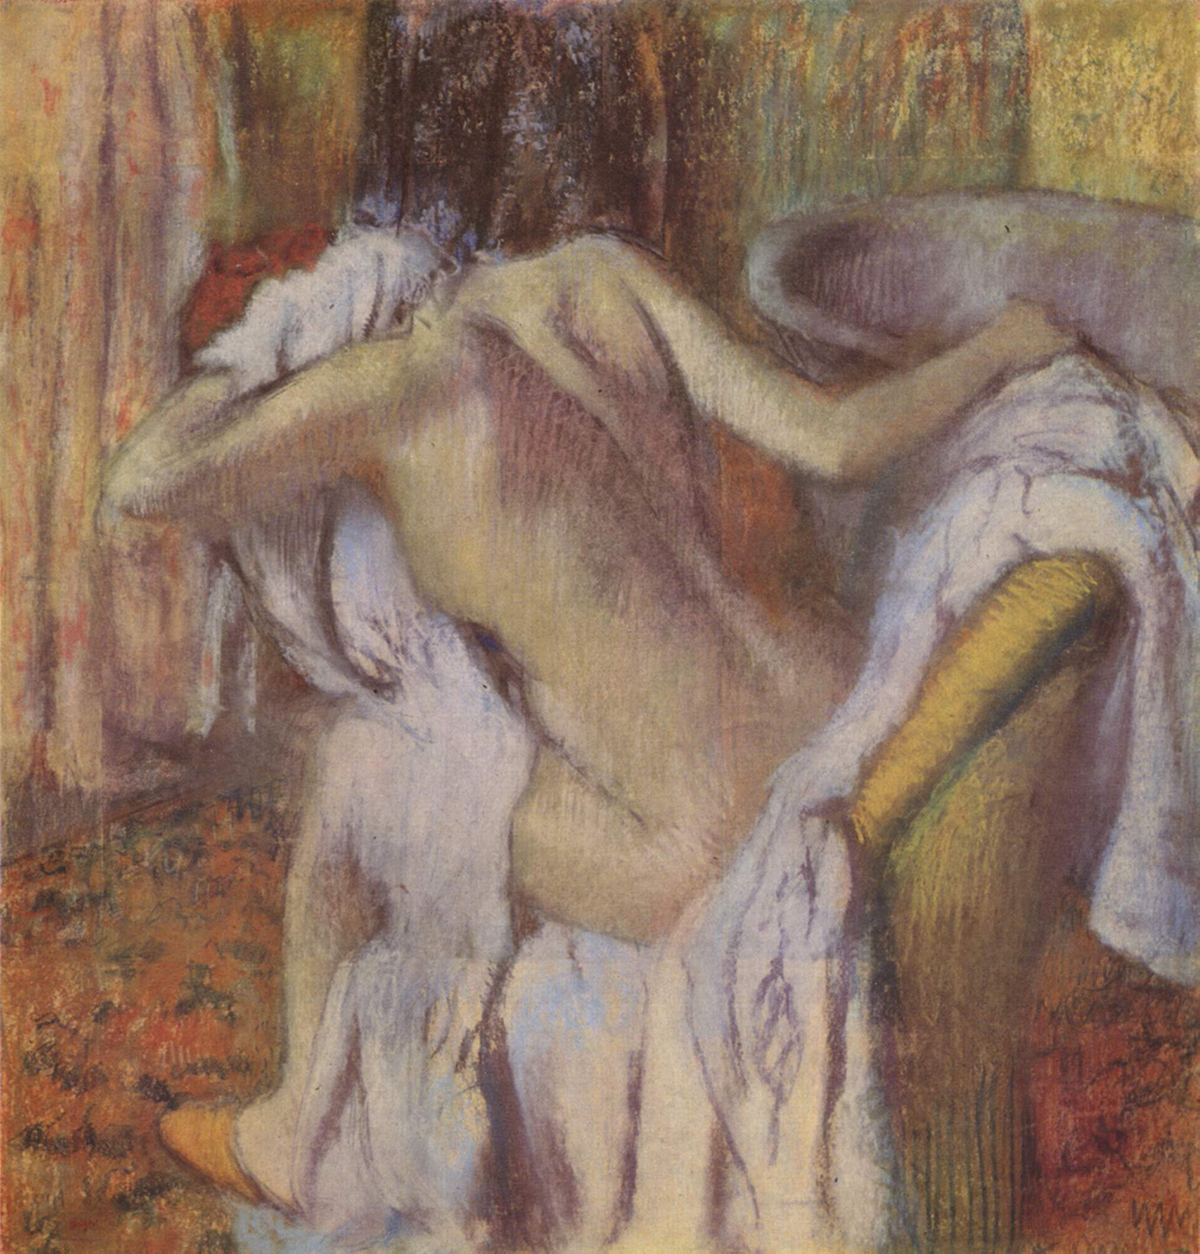 Impresionismo-Edgar Degas-Después del baño-Mujer secándose